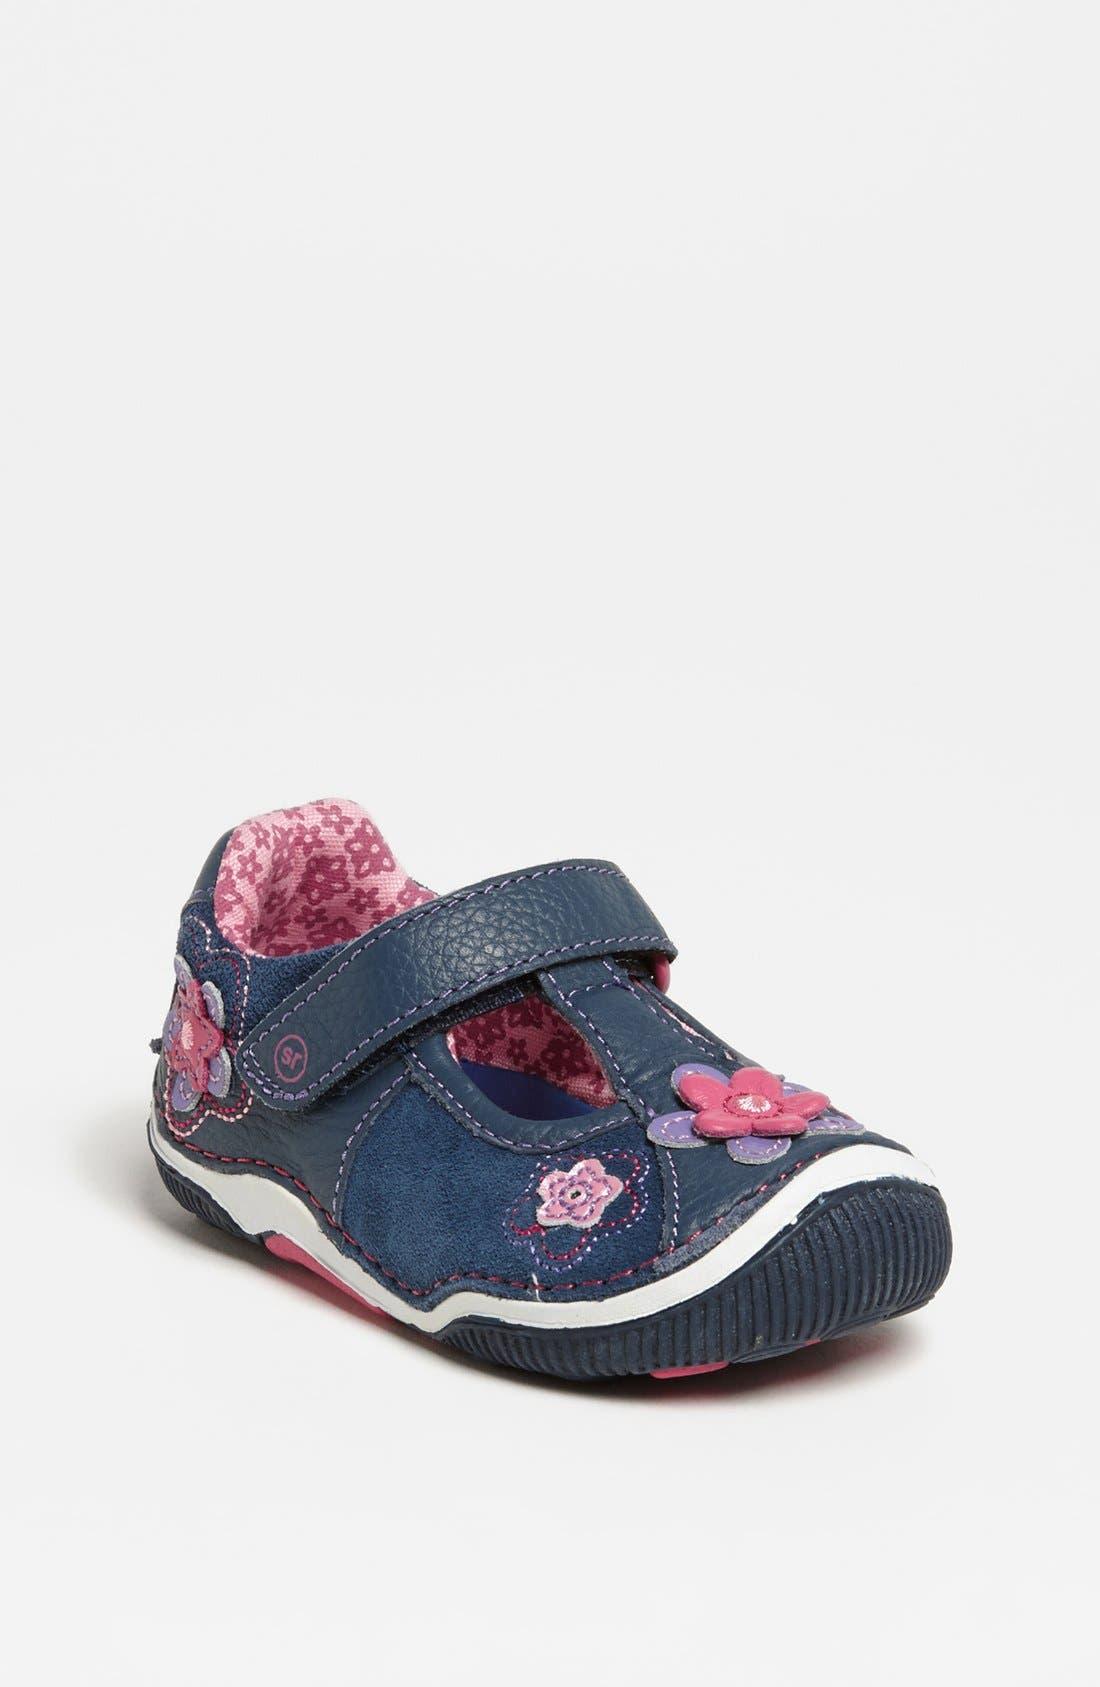 Alternate Image 1 Selected - Stride Rite 'Meadow' Sneaker (Baby, Walker & Toddler)